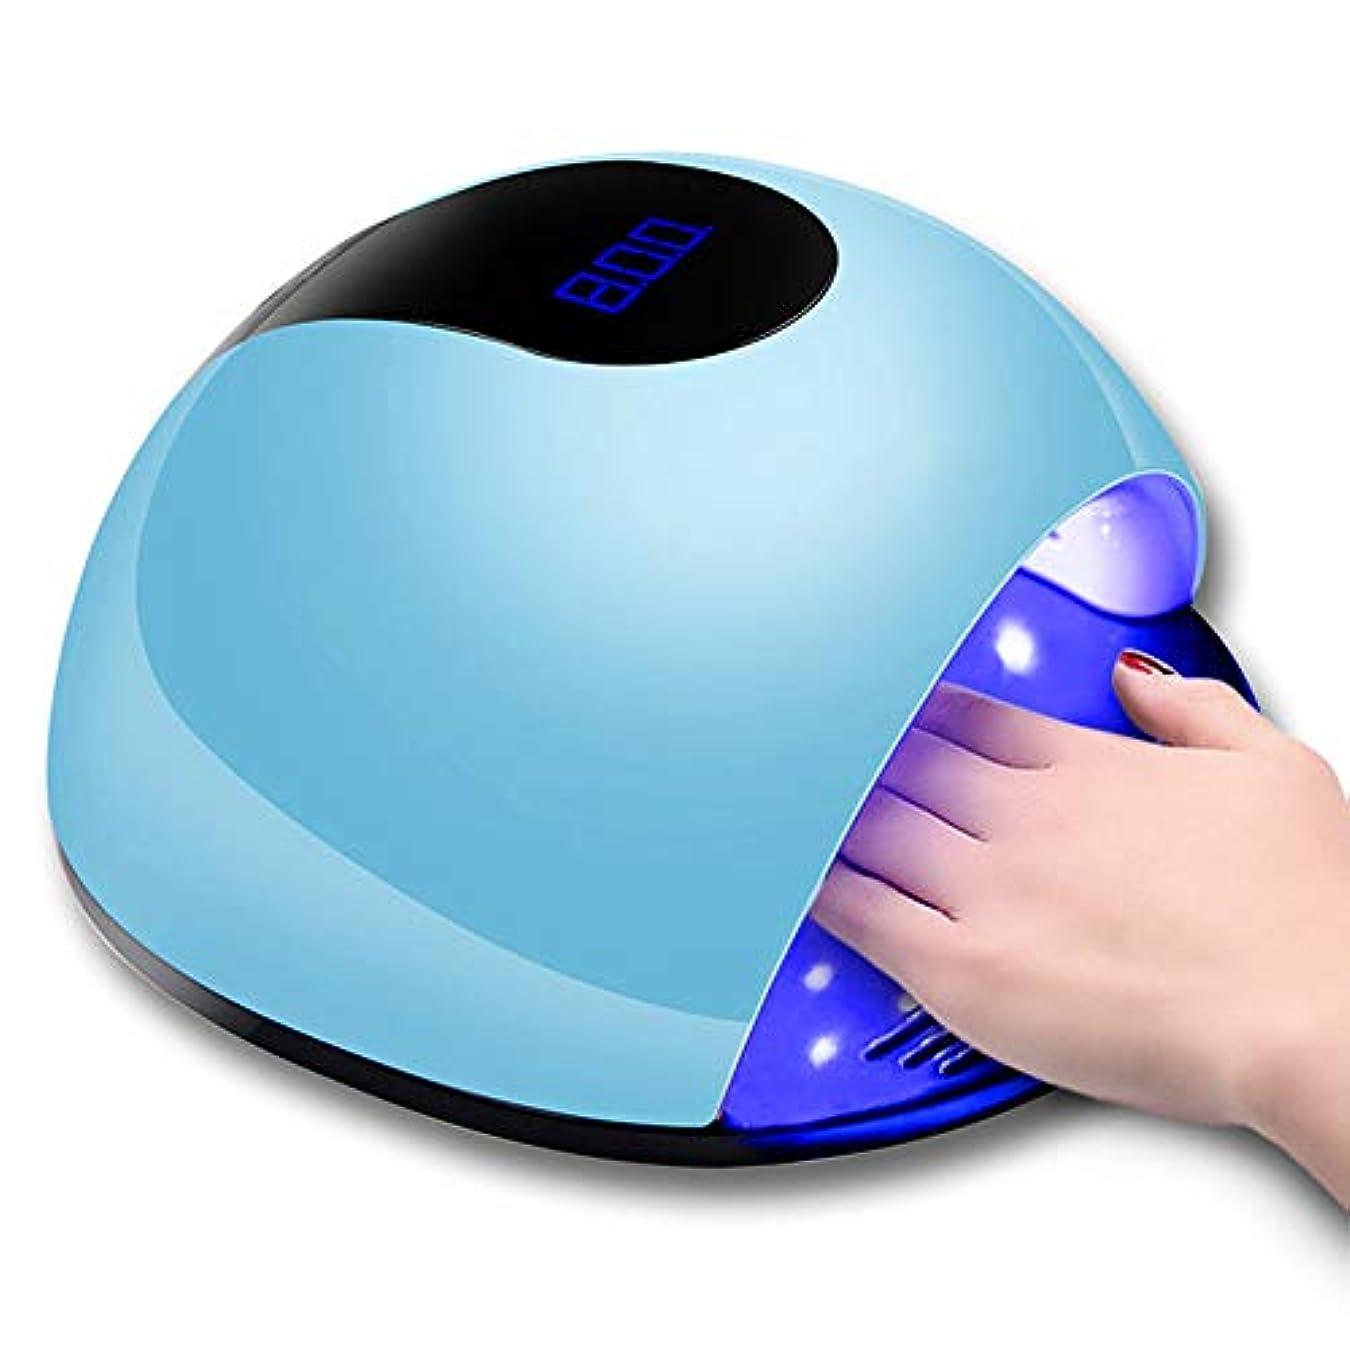 プール比喩自己尊重ジェルネイルポリッシュ80Wハイパワーネイル光線療法マシンLEDライト速乾性ネイルランプ誘導ネイルベーキングランプドライヤー,ブルー